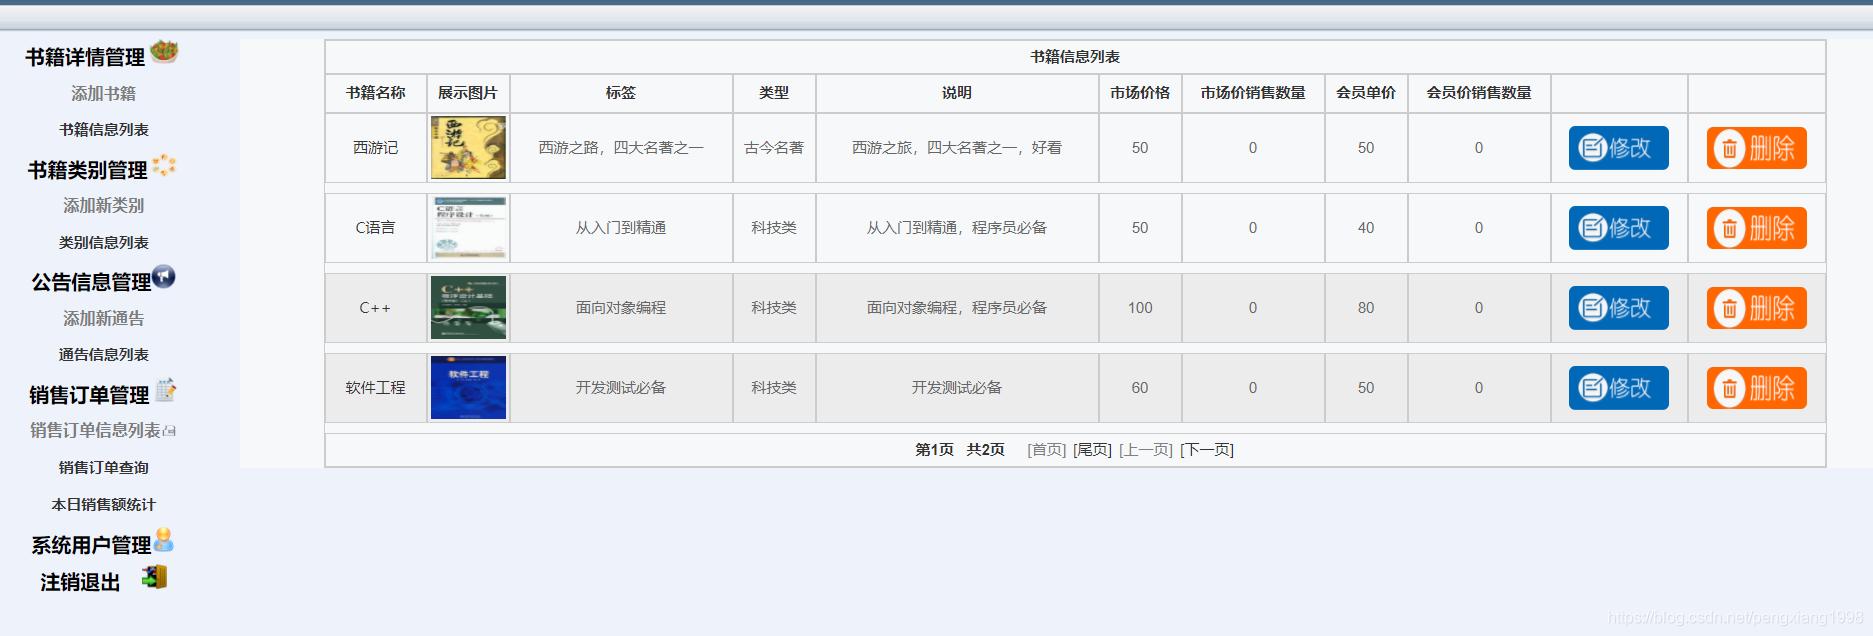 后台管理系统界面